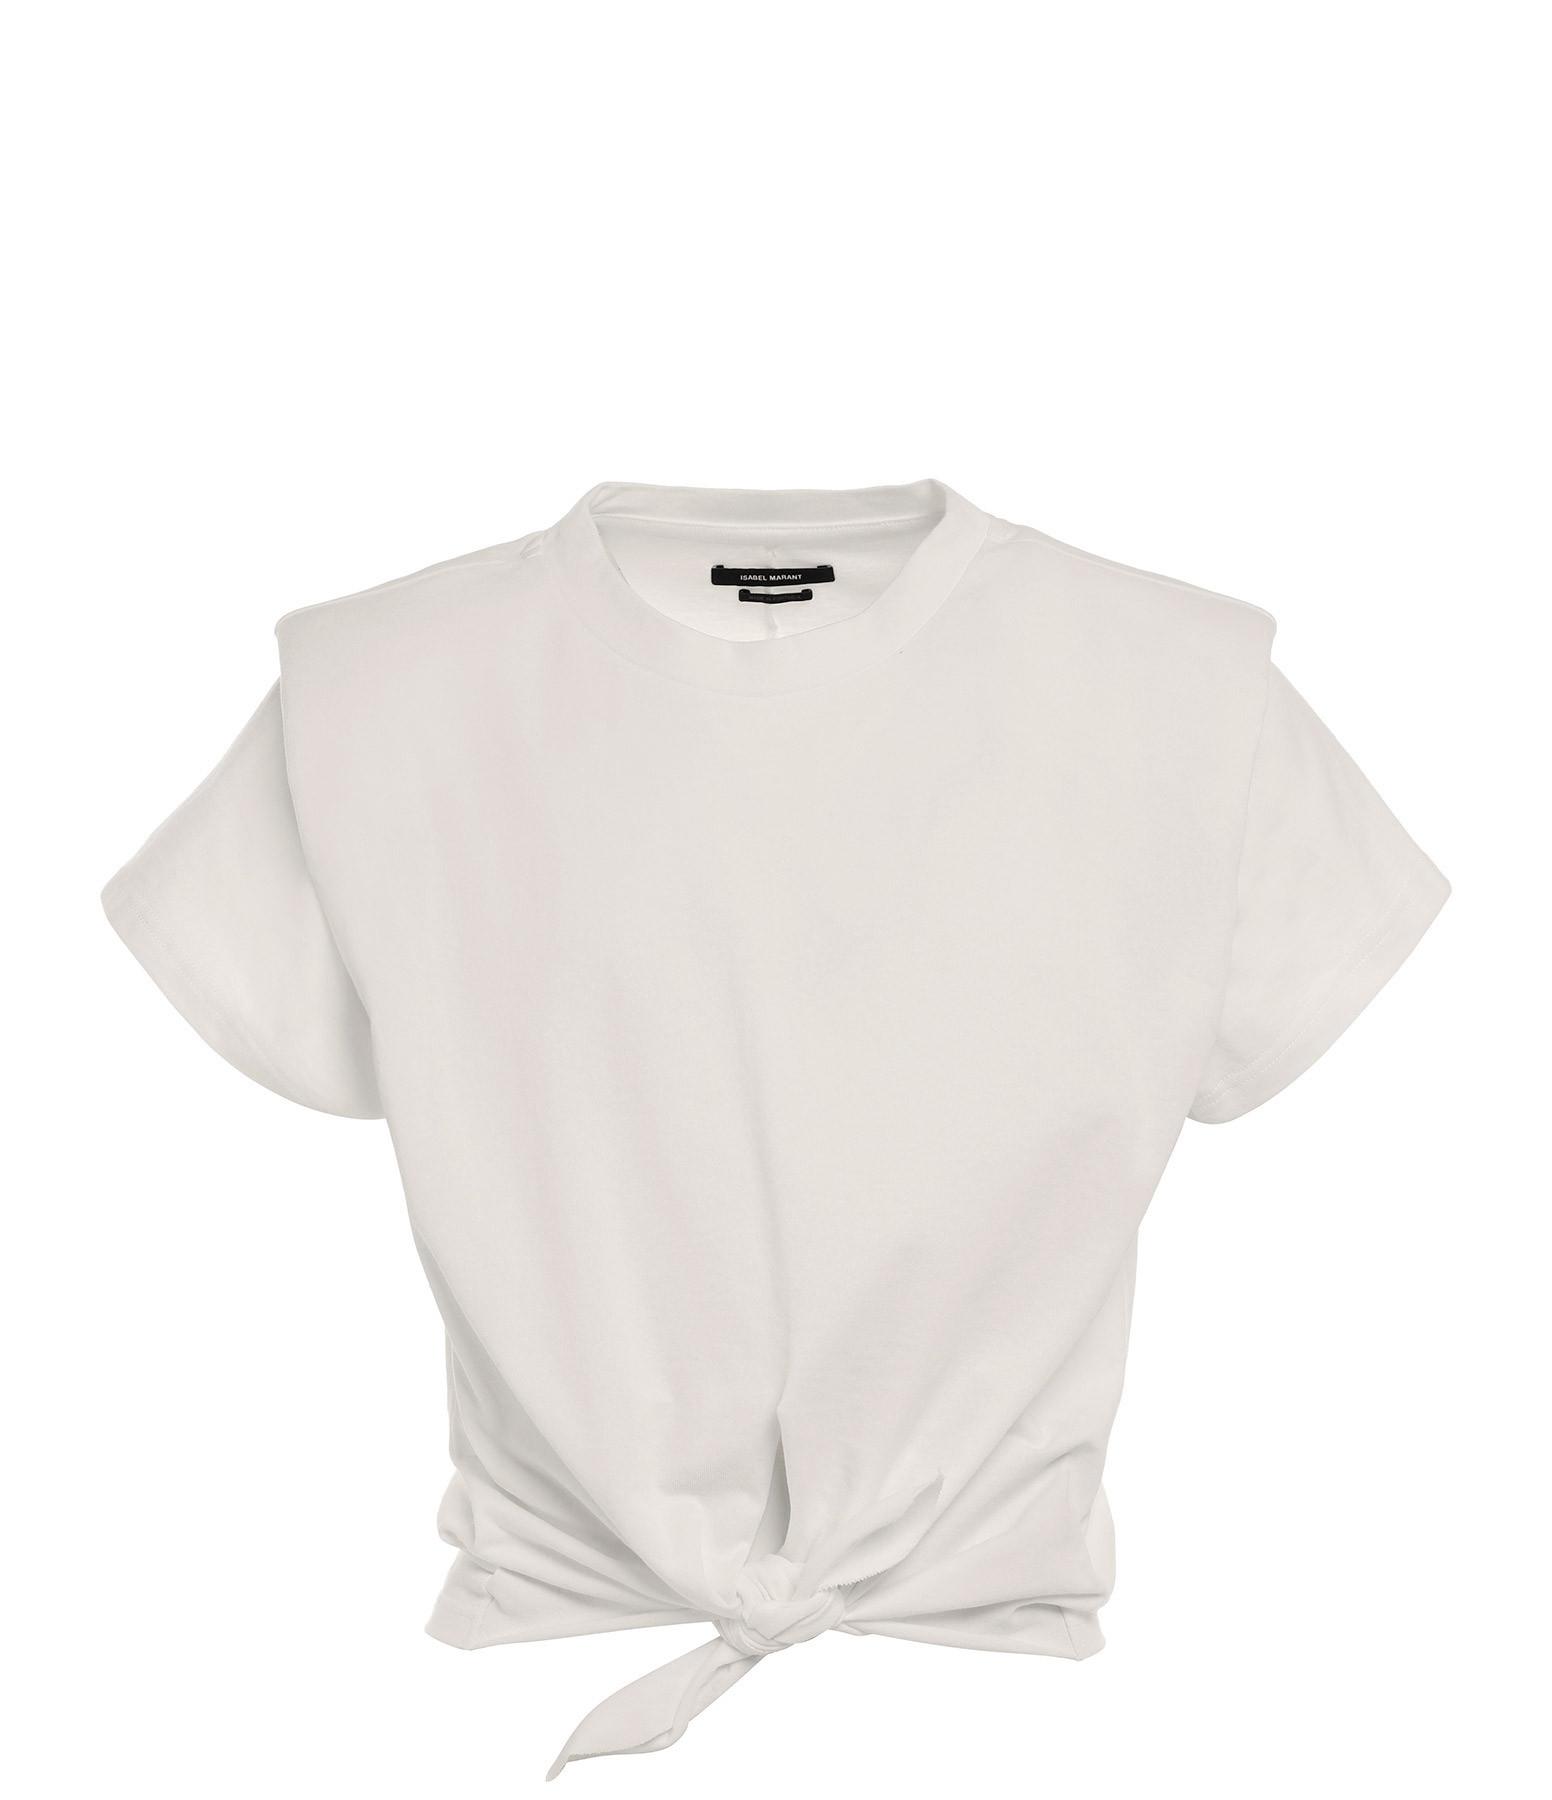 ISABEL MARANT - Tee-shirt Zelito Coton Écru